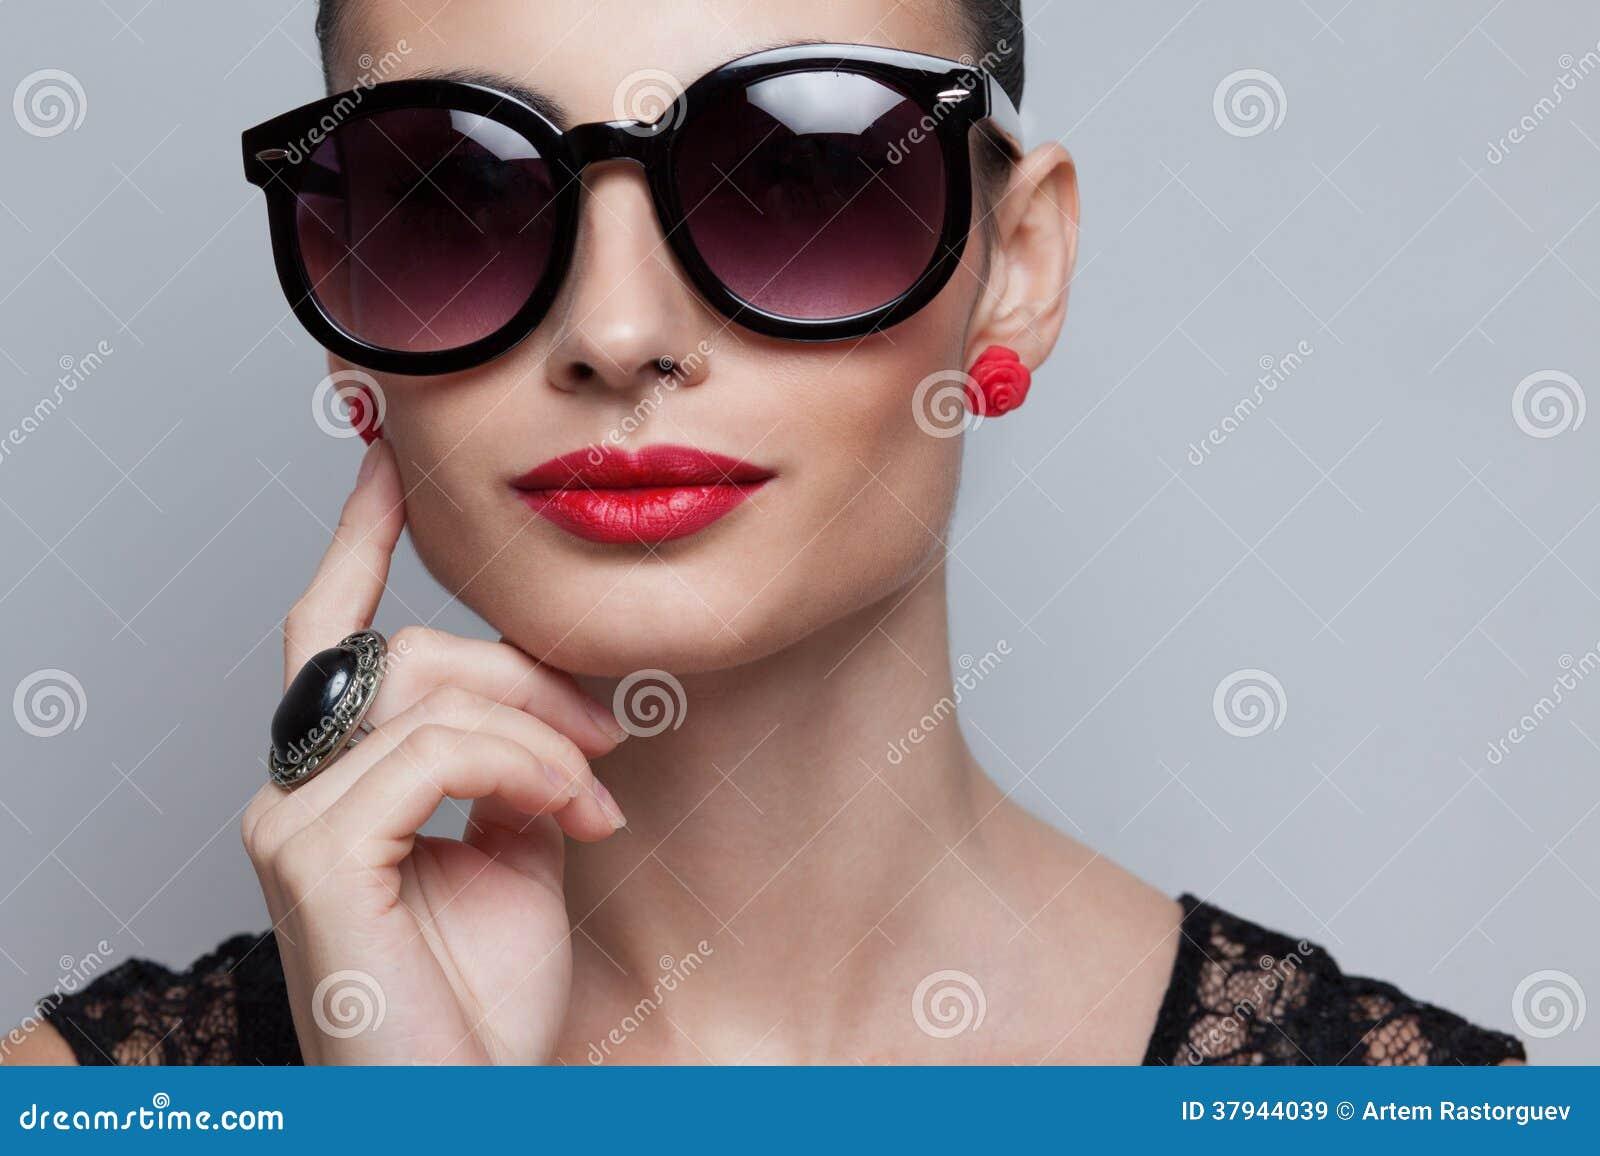 4b9c1c7e1 Modelo Perfeito Em óculos De Sol Arredondados Grandes Imagem de ...